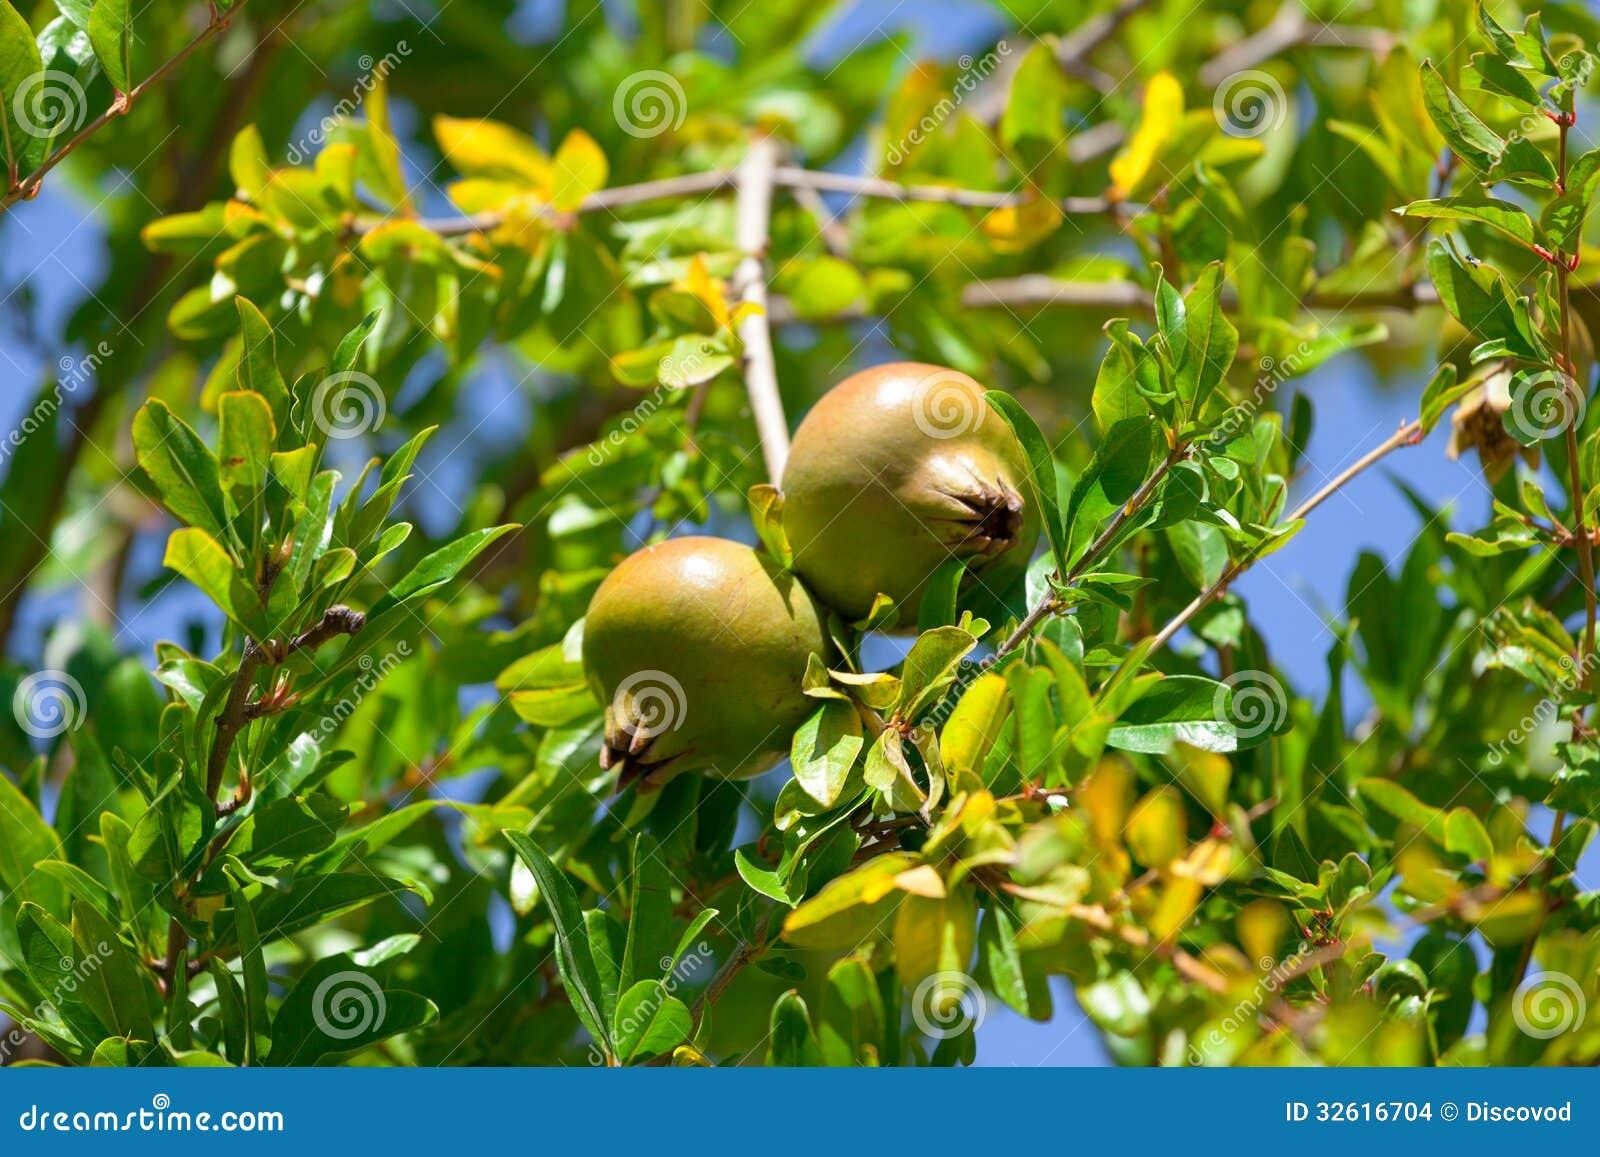 Fruit de grenade sur l 39 arbre vert images stock image 32616704 - Acheter des grenades fruits ...